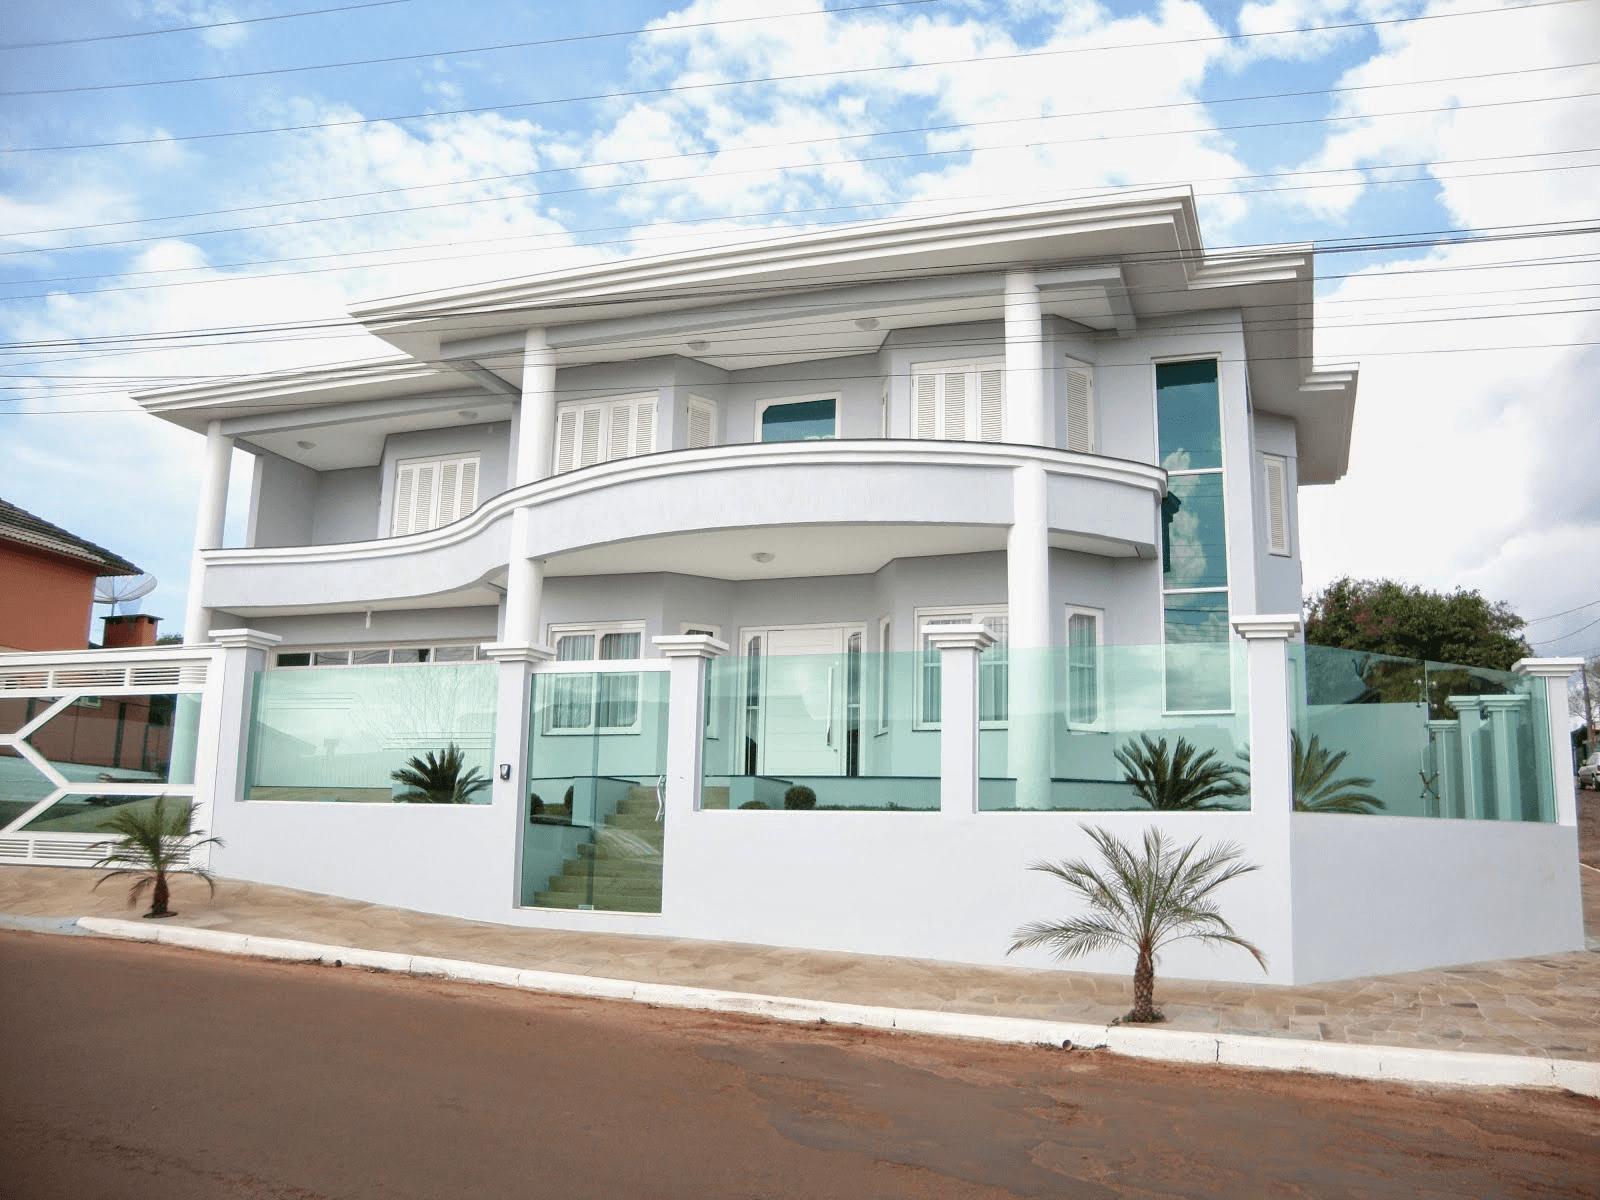 60 modelos de muros residenciais fachadas fotos e dicas for Casa moderna esquina